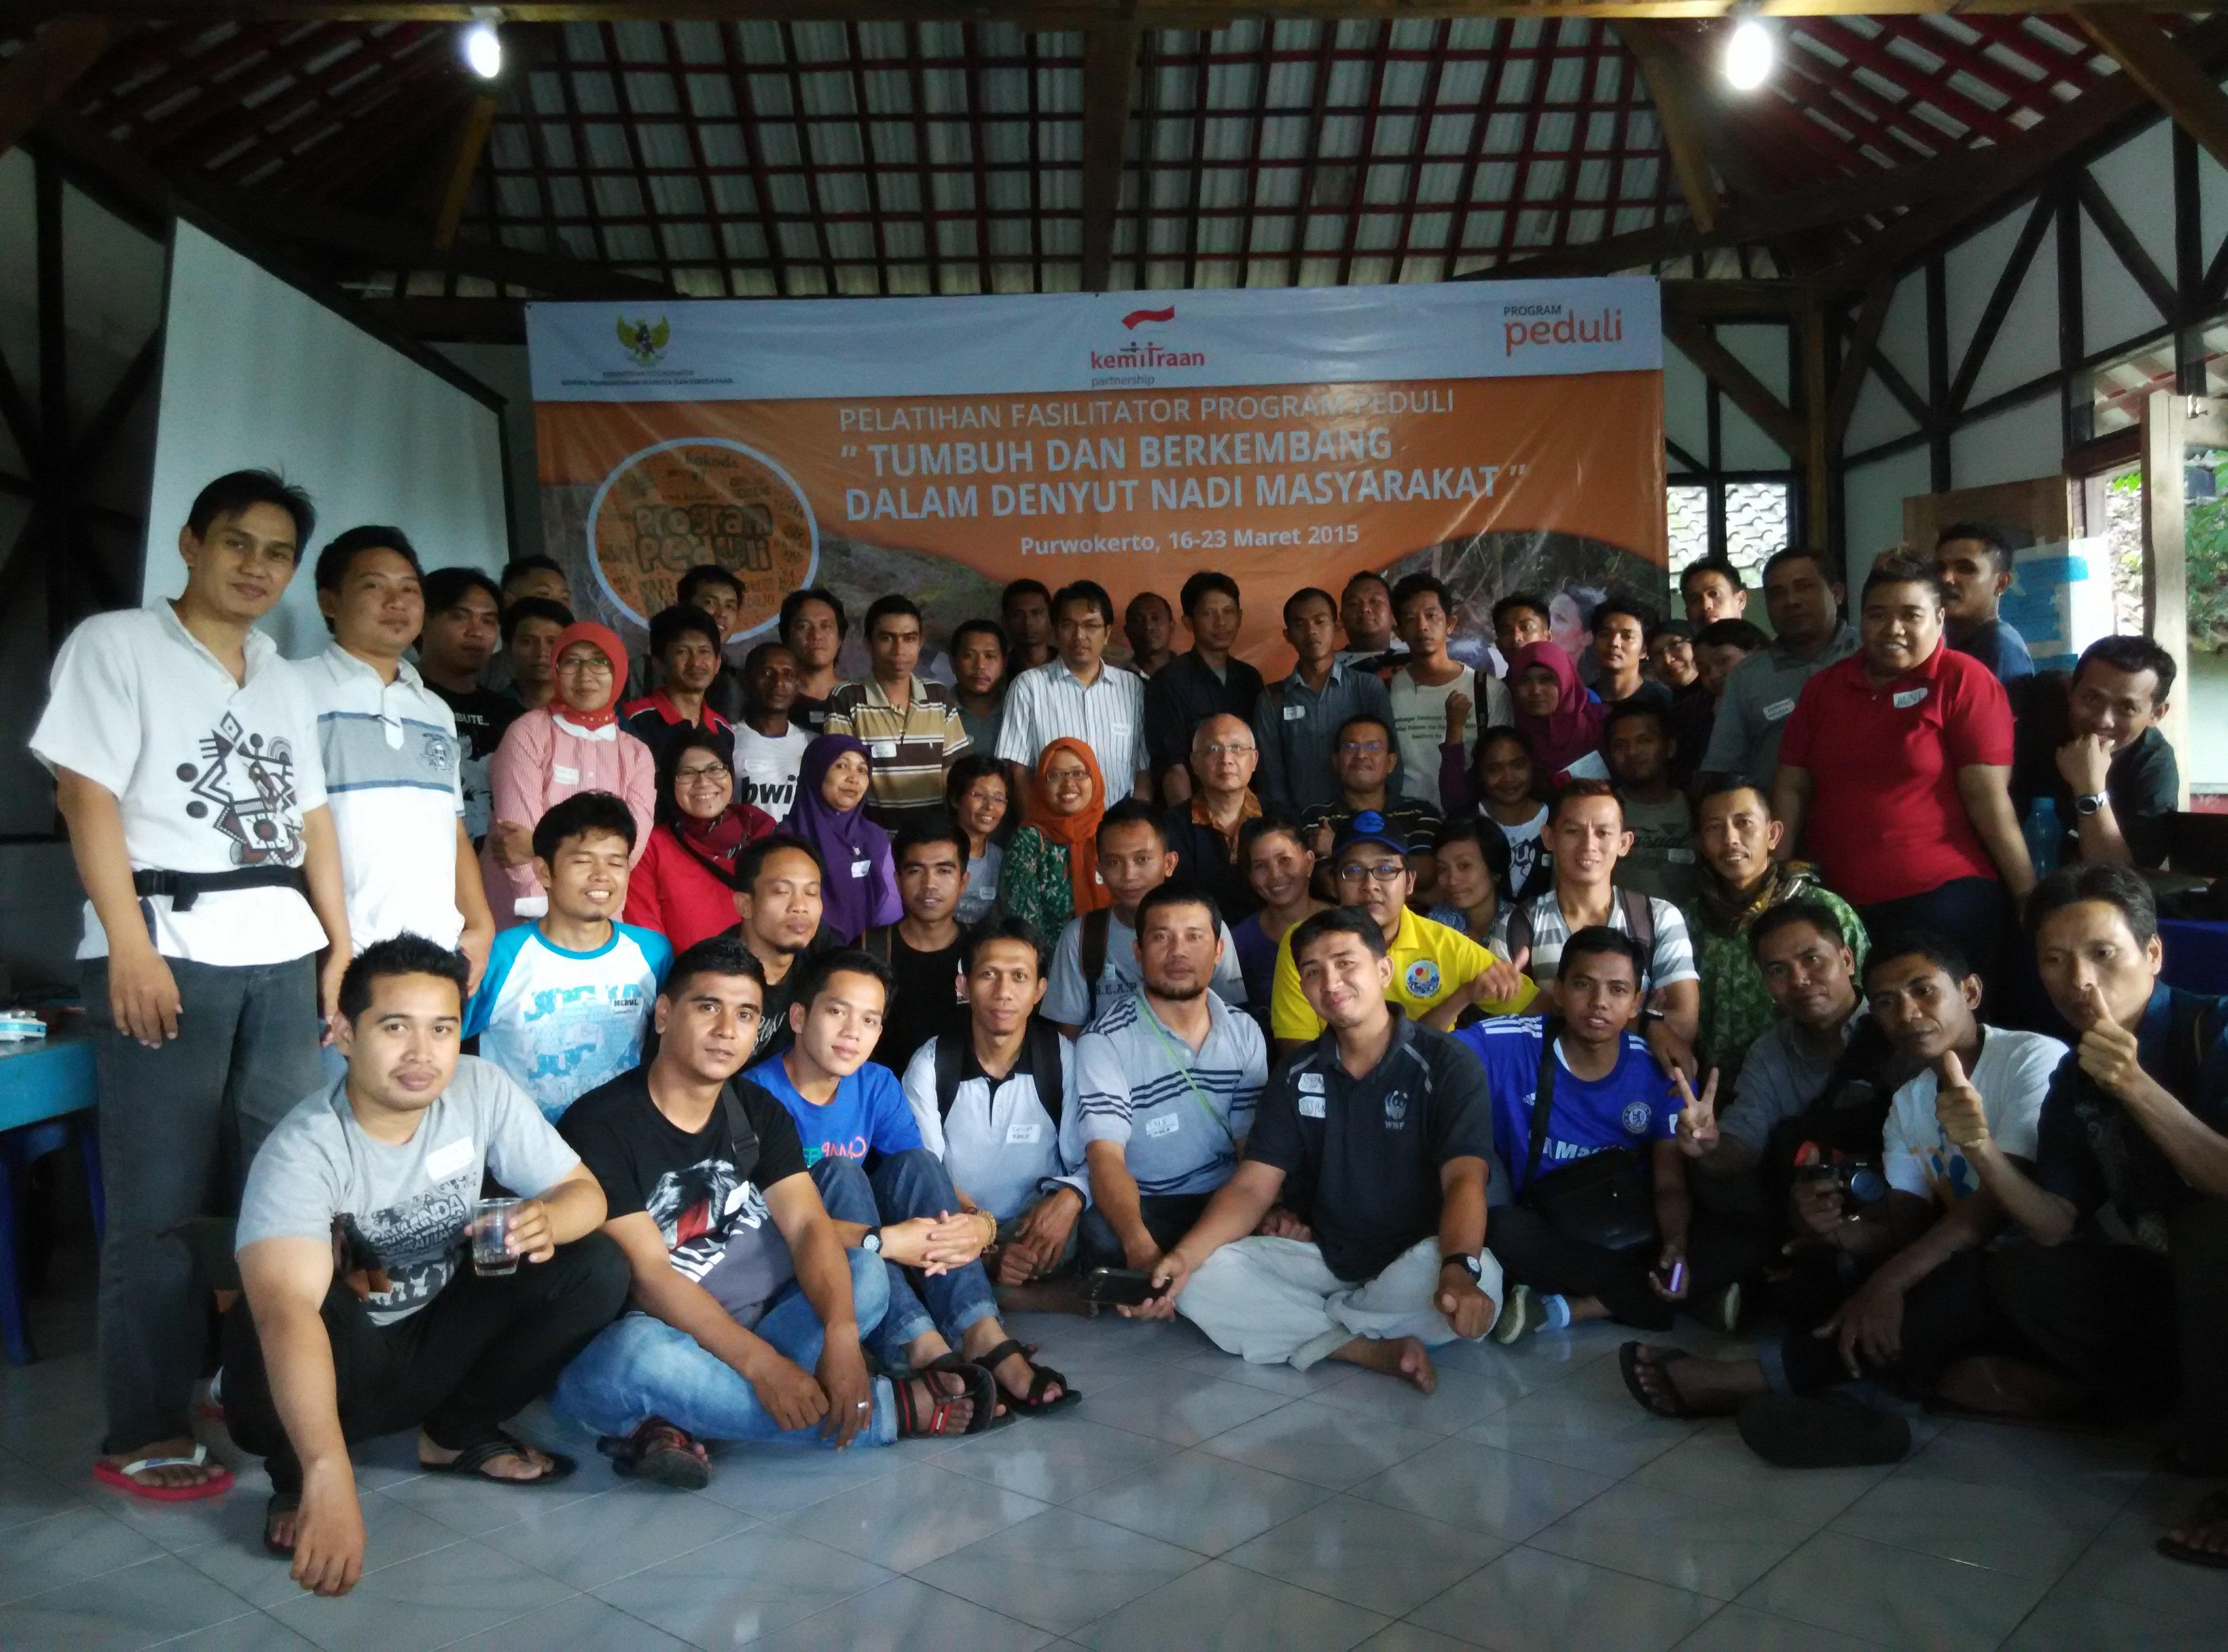 Gedhe Foundation Ikuti  Pelatihan Fasilitator Peduli